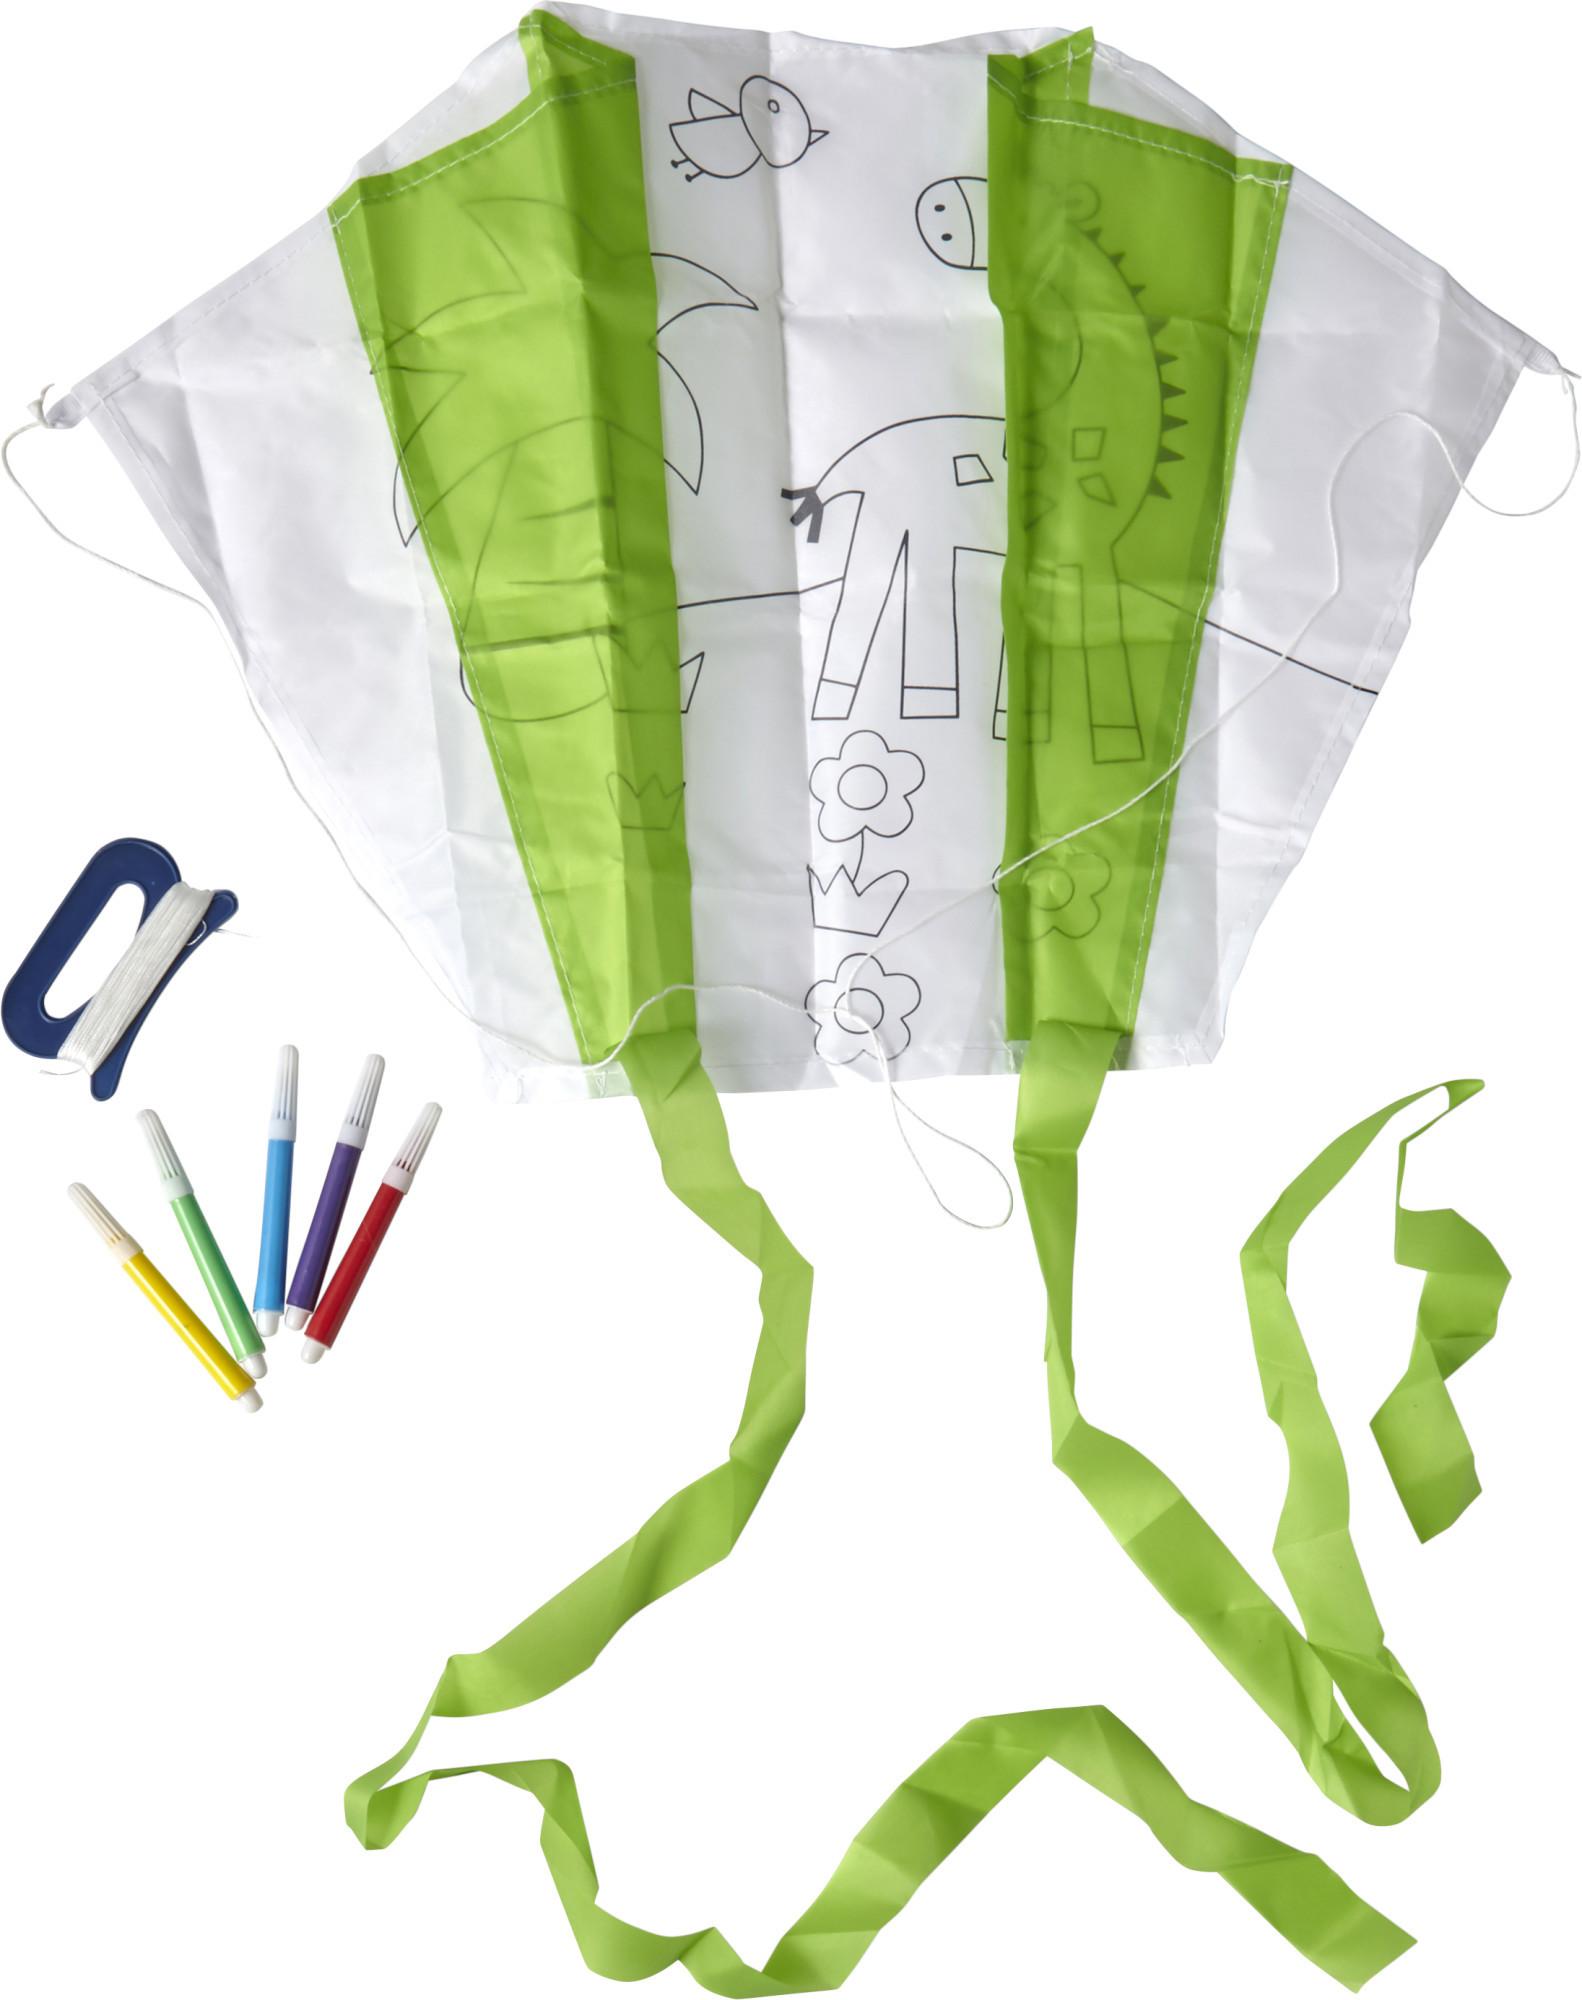 Cerf-volant en polyester à colorier - 19-1256-9